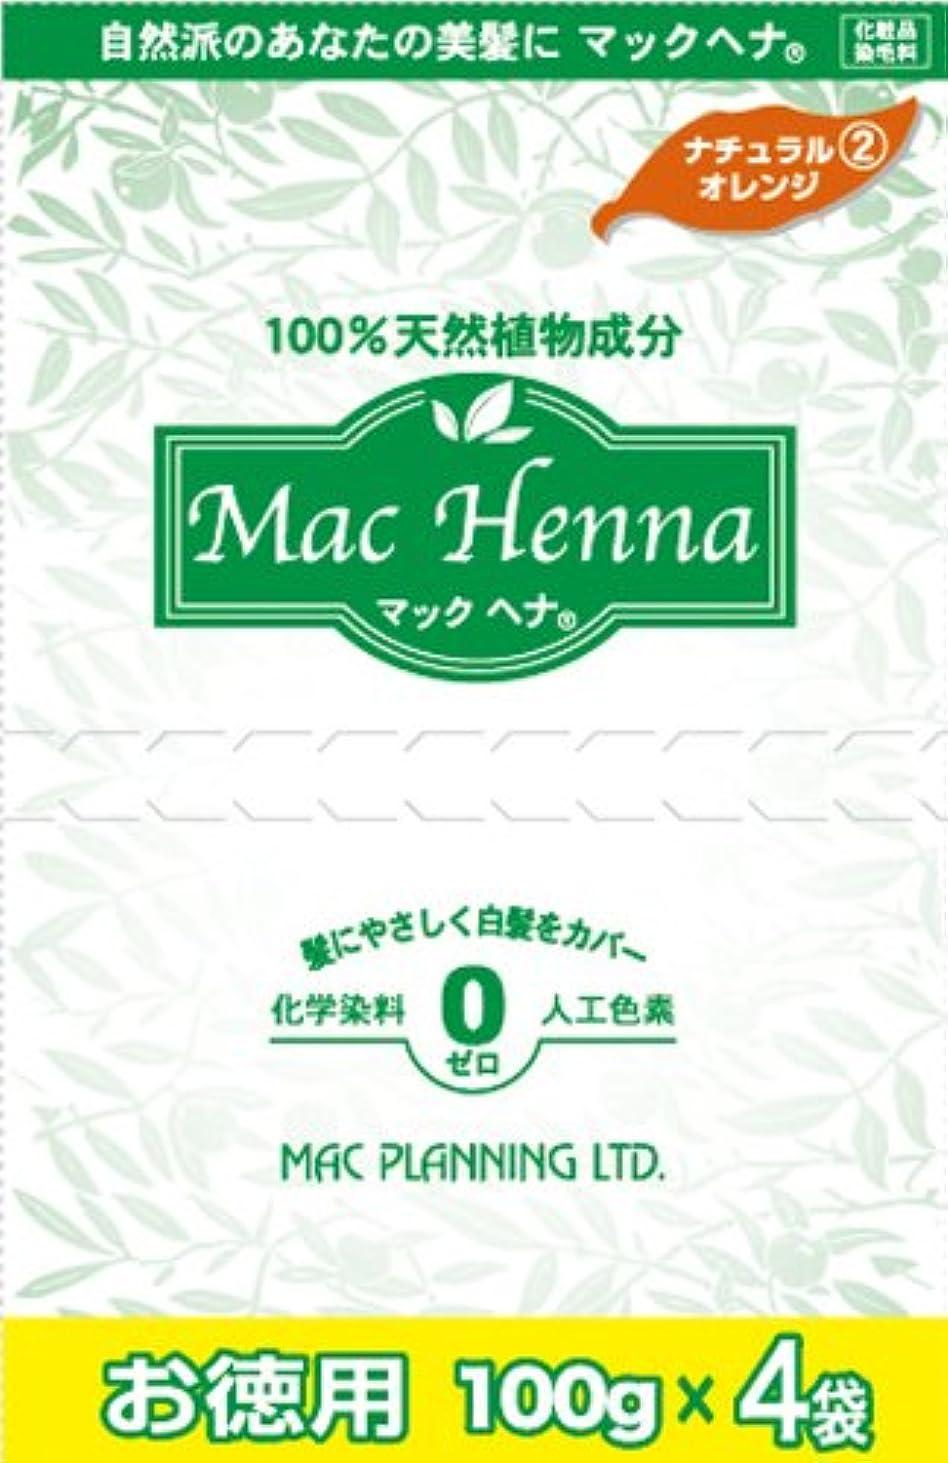 その間プロペラ是正天然植物原料100% 無添加 マックヘナ お徳用(ナチュラルオレンジ)-2  400g(100g×4袋) 3箱セット